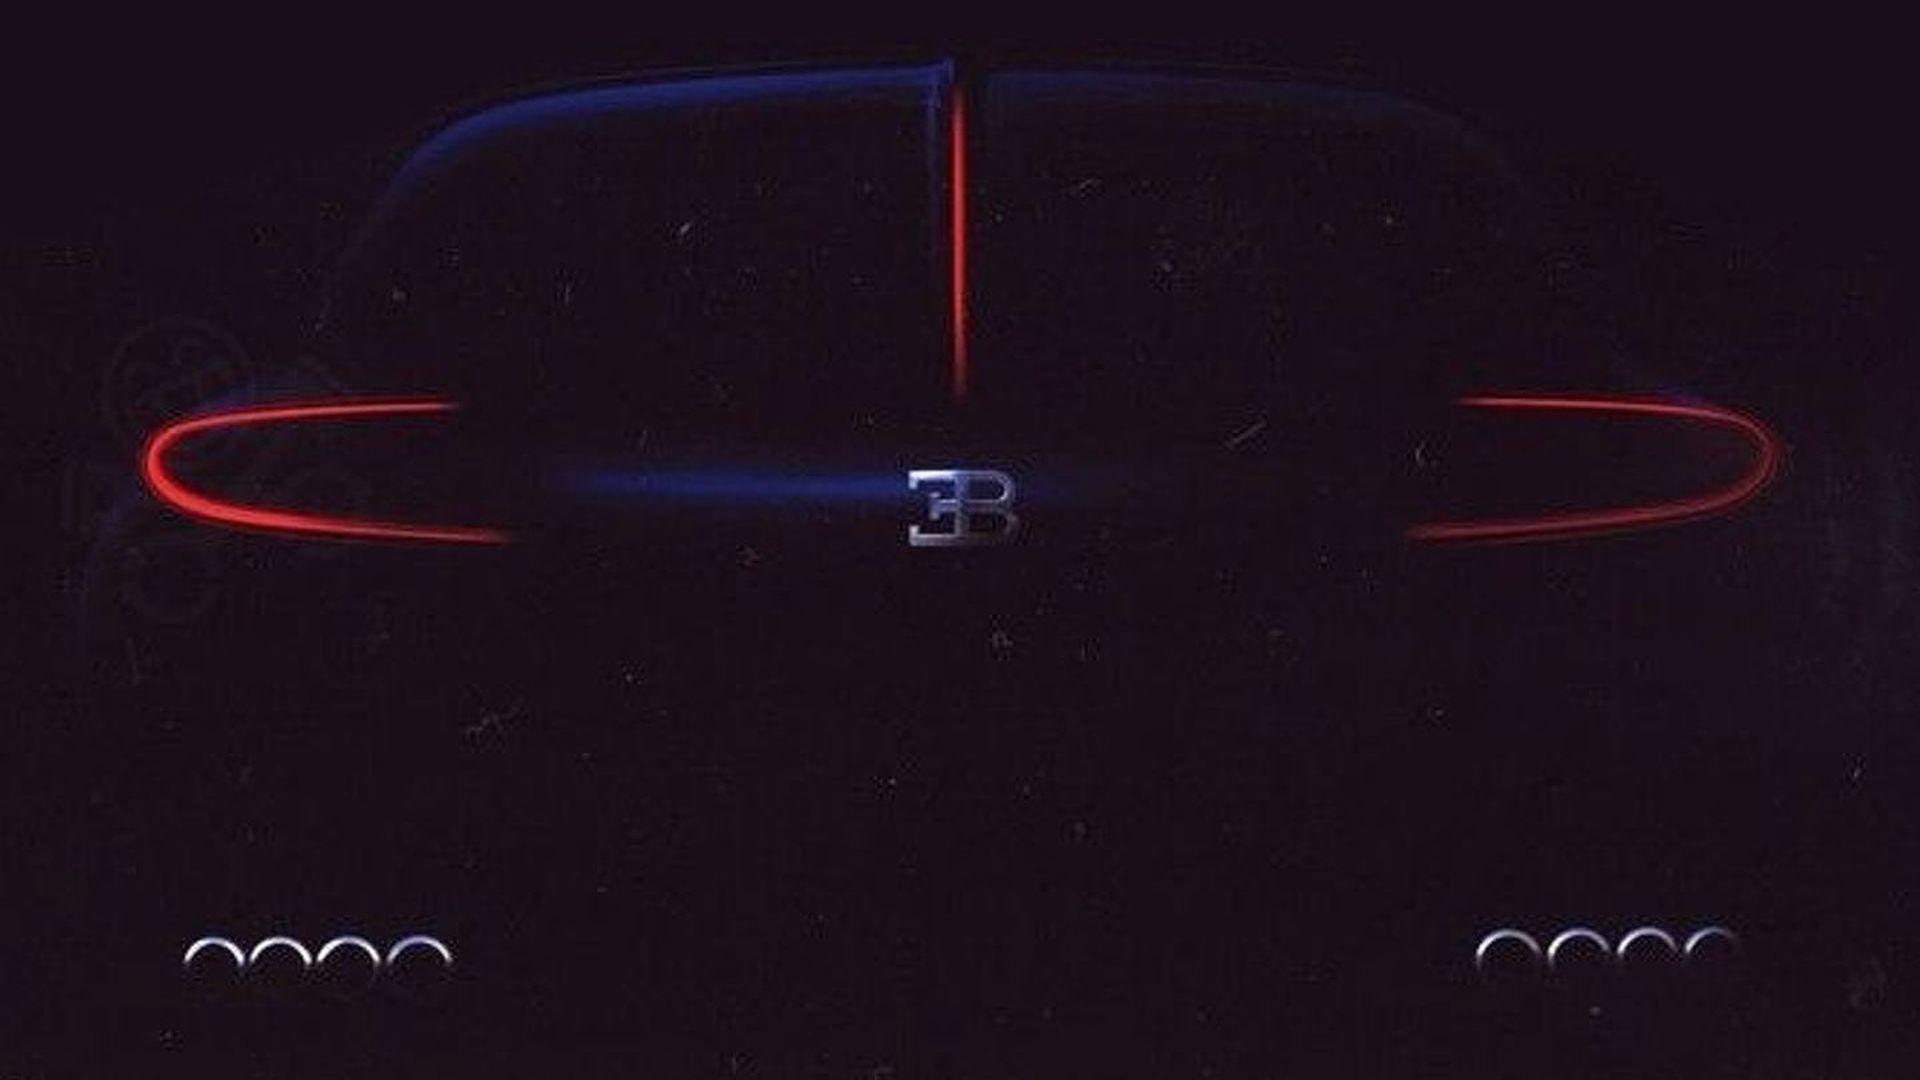 Bugatti Bordeaux second teaser image surfaces